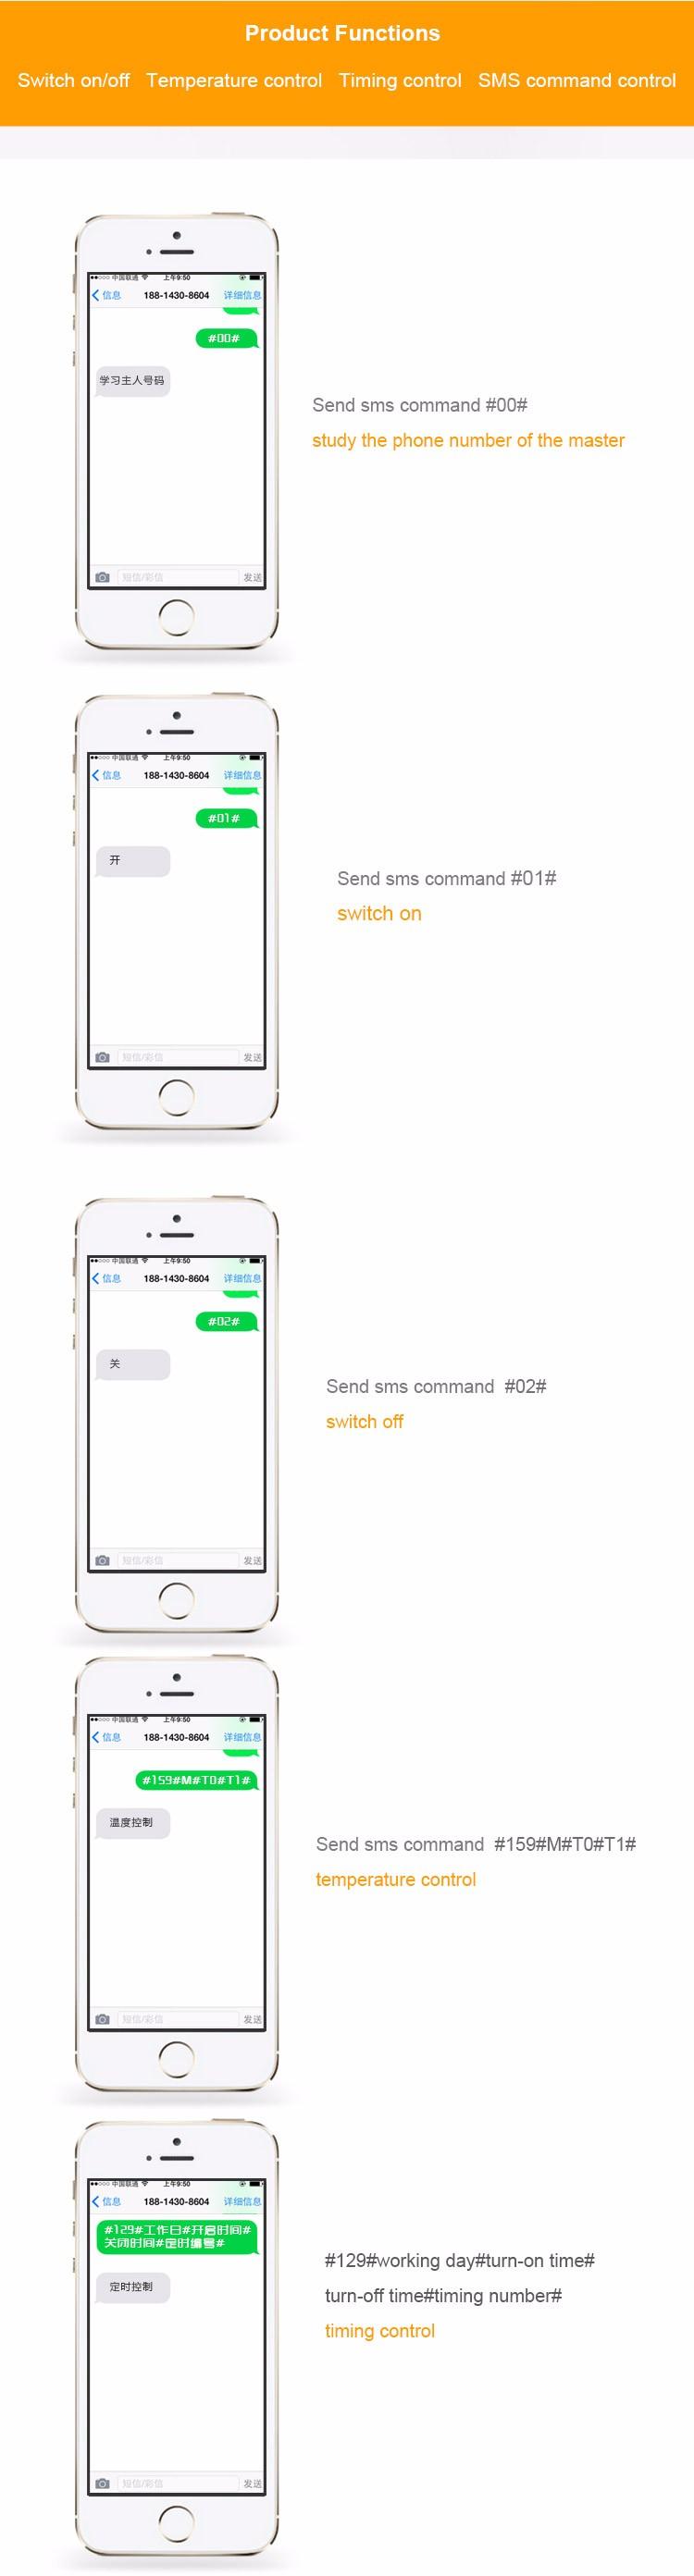 GSM умный розетка розетка мобильный телефон английский русский СМС ГРМ дистанционного управления переключатель регулятор температуры с датчиком